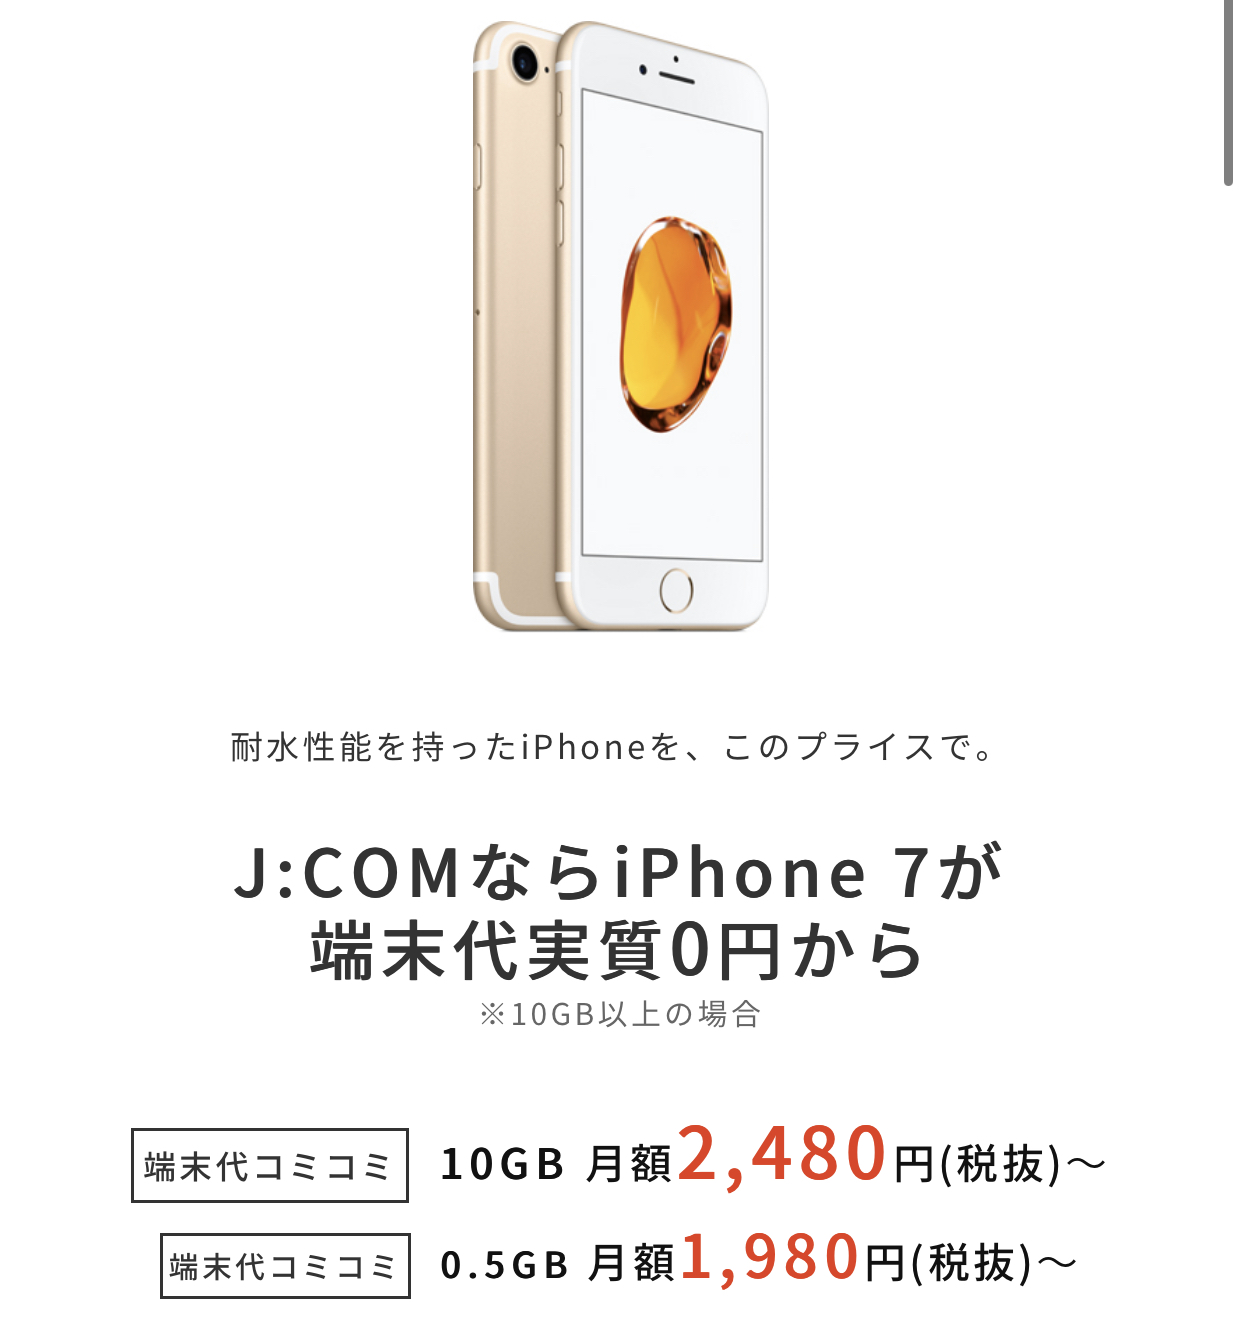 JCOMモバイルのiphoneセット購入